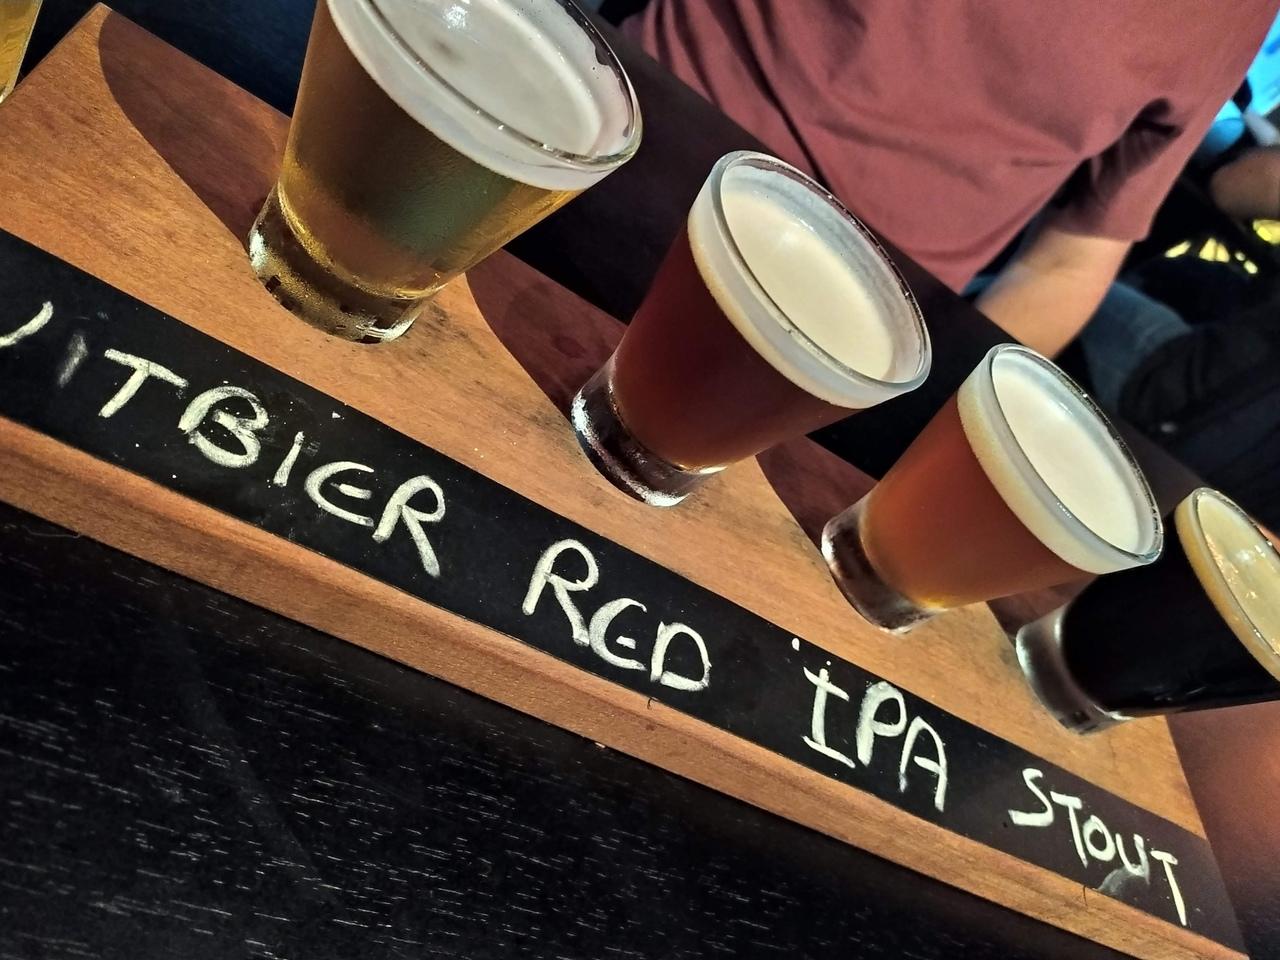 Tábuas de degustação são ótimas opções para quem quer provar novos estilos e sabores. Em cada copa, um tipo de cerveja diferente para se degustar. Foto: Divulgação